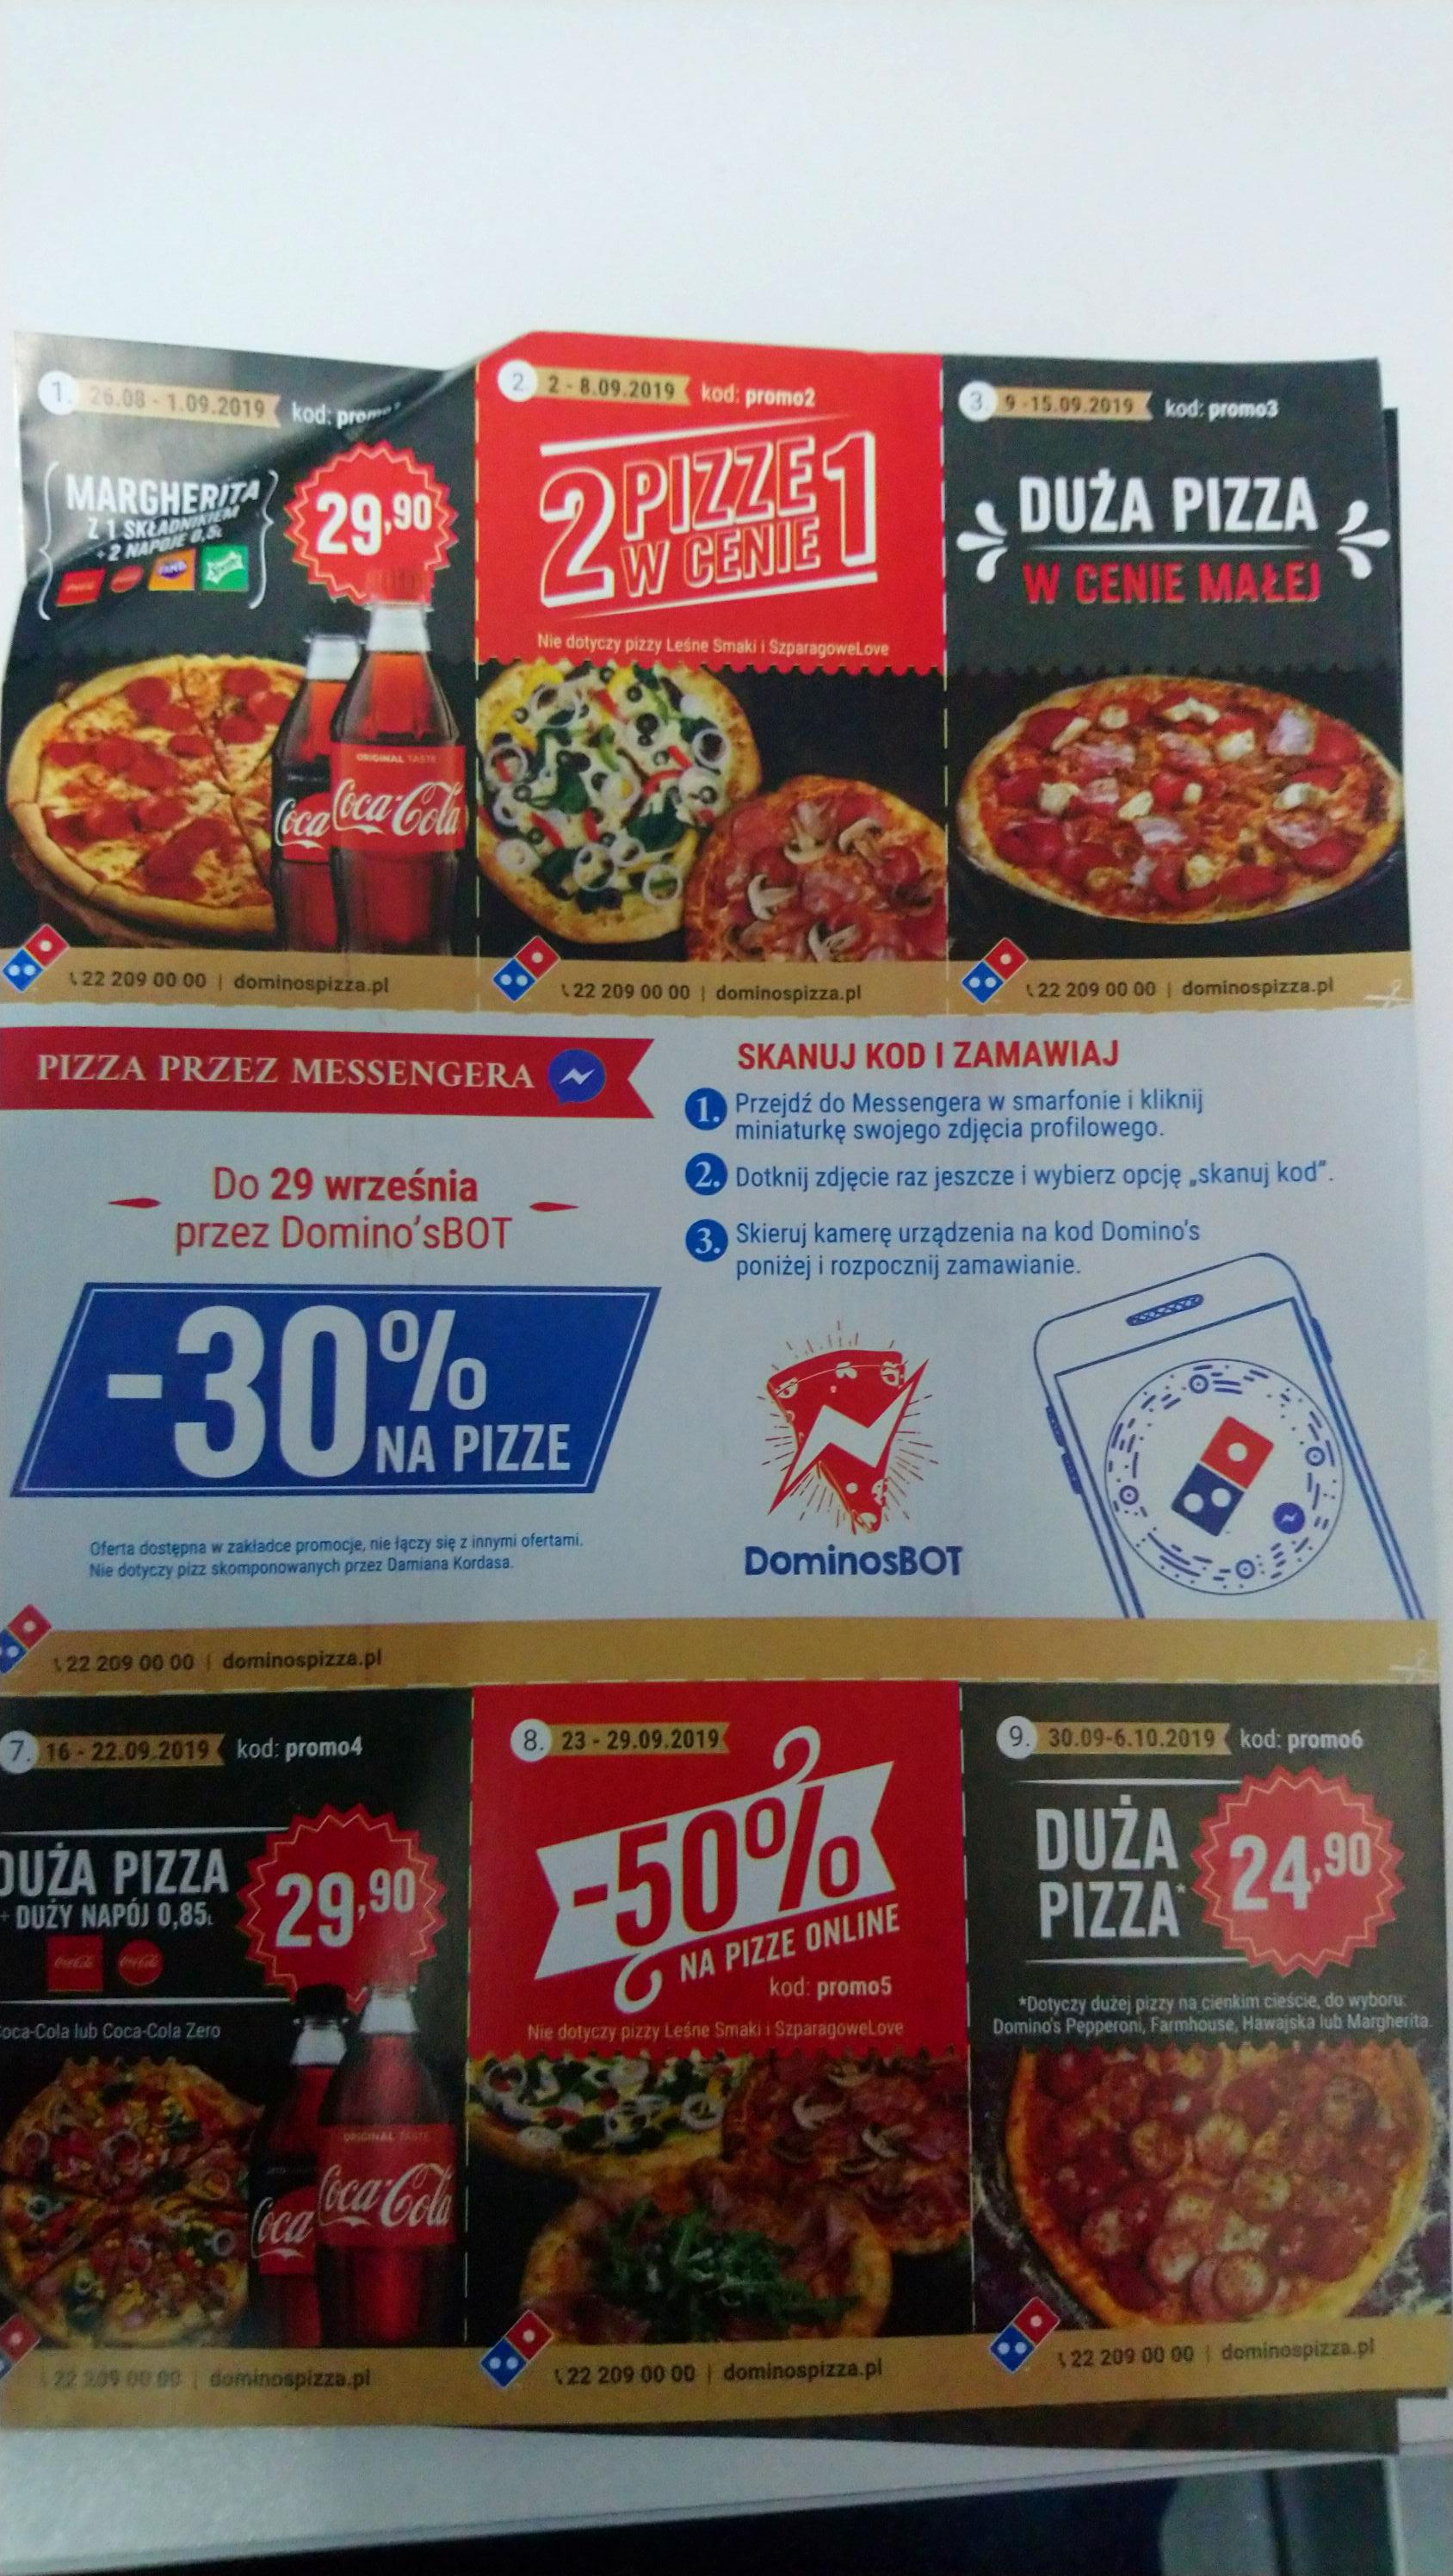 Kody promocyjne Dominos pizza wrzesień.